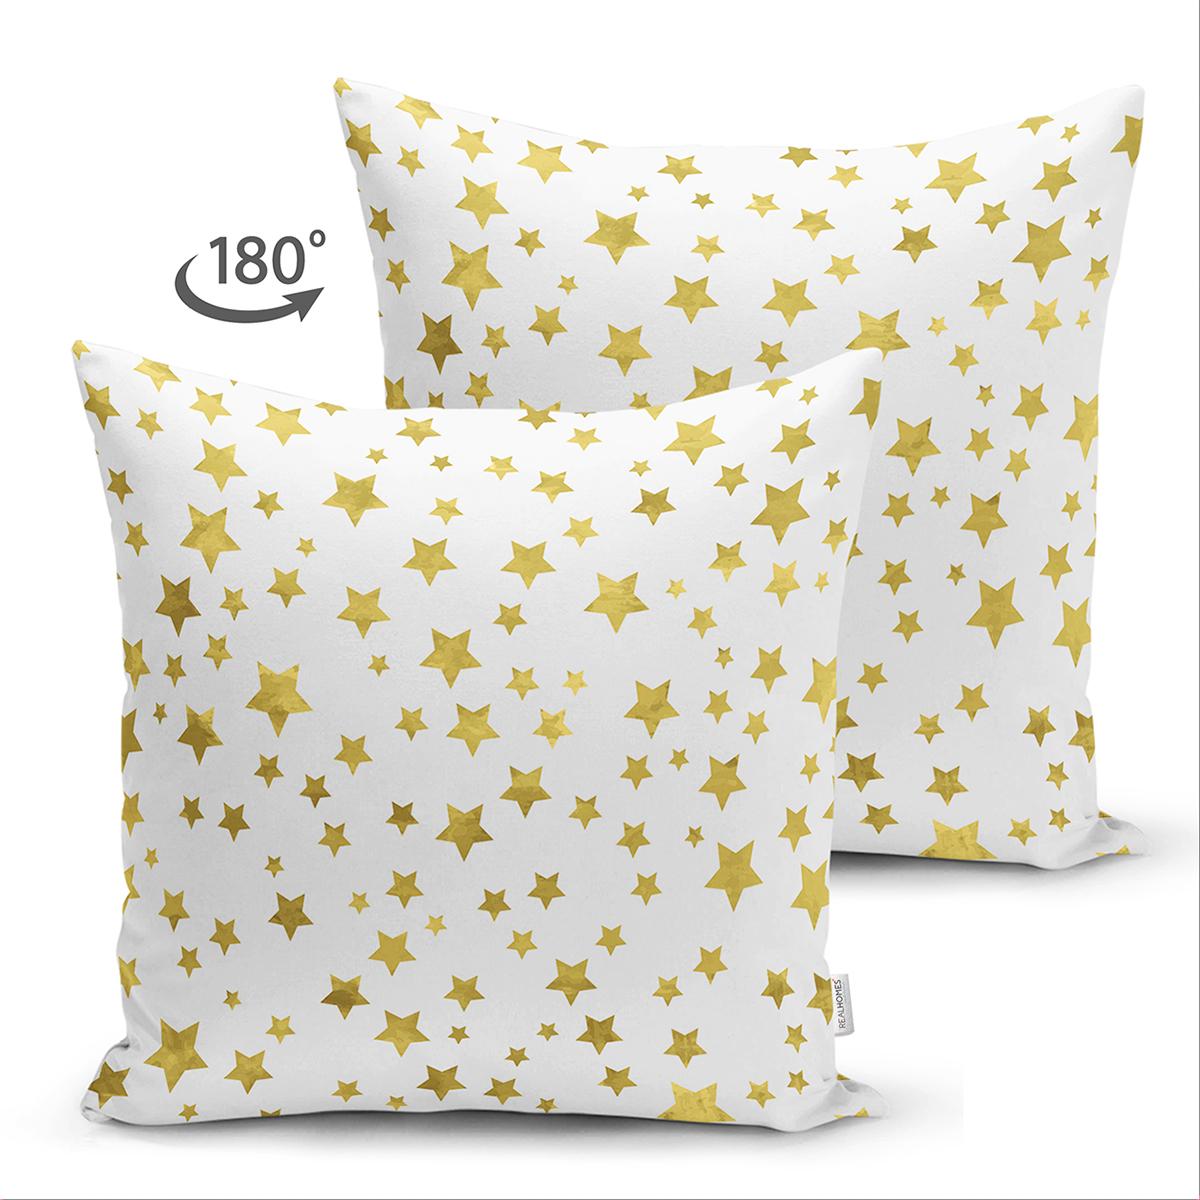 Çift Taraflı Beyaz Zeminli Gold Renkli Çoklu Yıldız Detayli Modern Süet Yastık Kırlent Kılıfı Realhomes